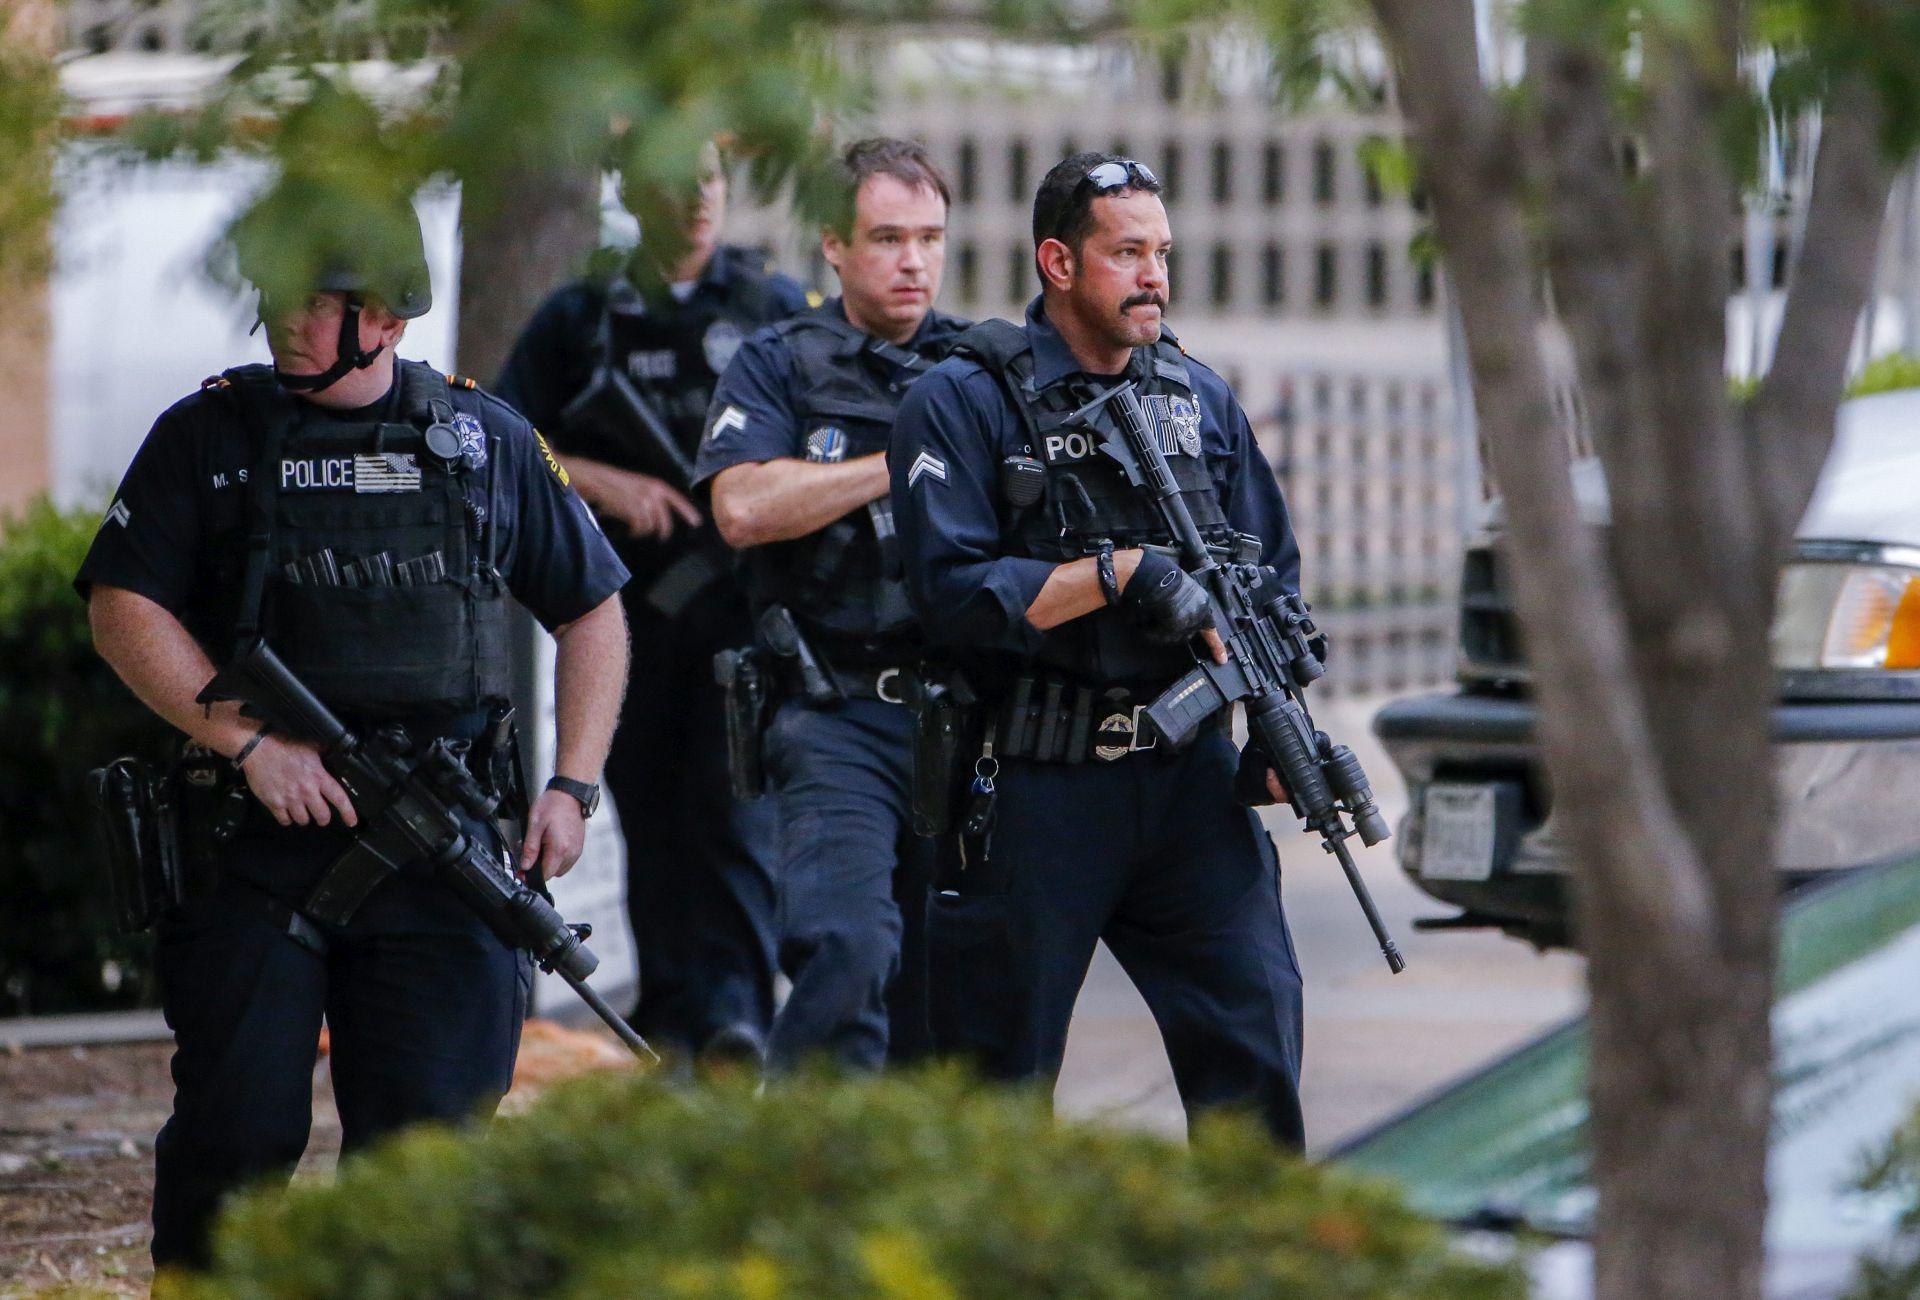 UBOJSTVA U DALLASU: Ubojica policajaca planirao još veći napad